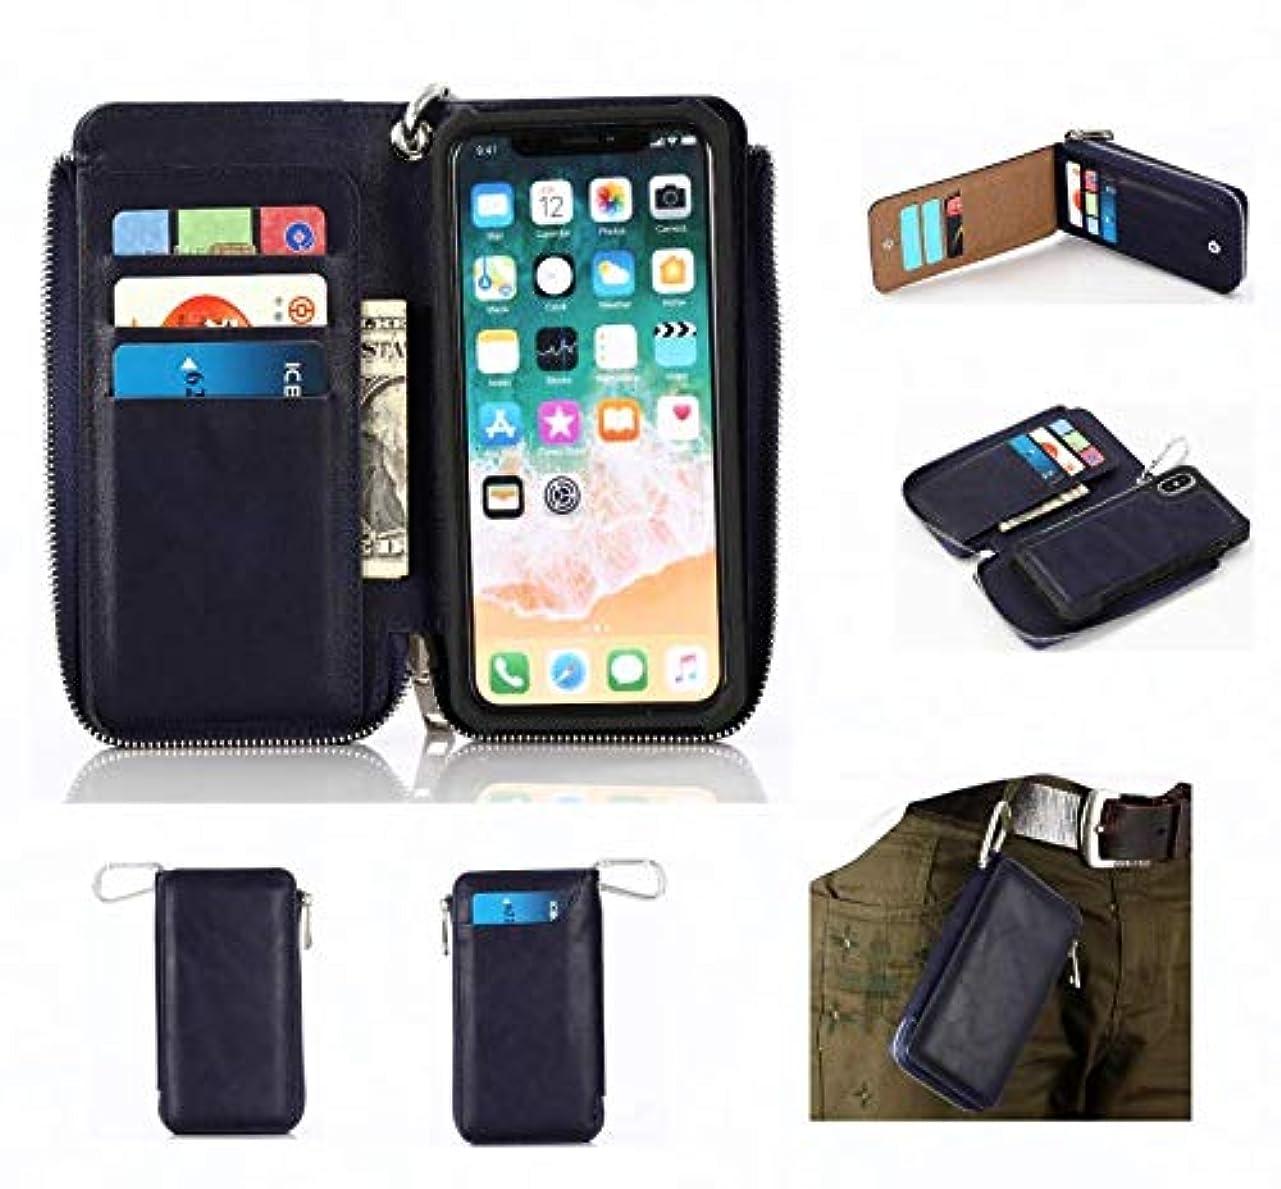 葬儀最小テンポiPhone Xジッパー財布、iPhone XS携帯ポケット、メンズベルトベルトバッグ、金属リング、10個のカードスロット、キャッシュスロット、ボタンロックポケット、取り外し可能なスリムプロテクター、磁気カーラック